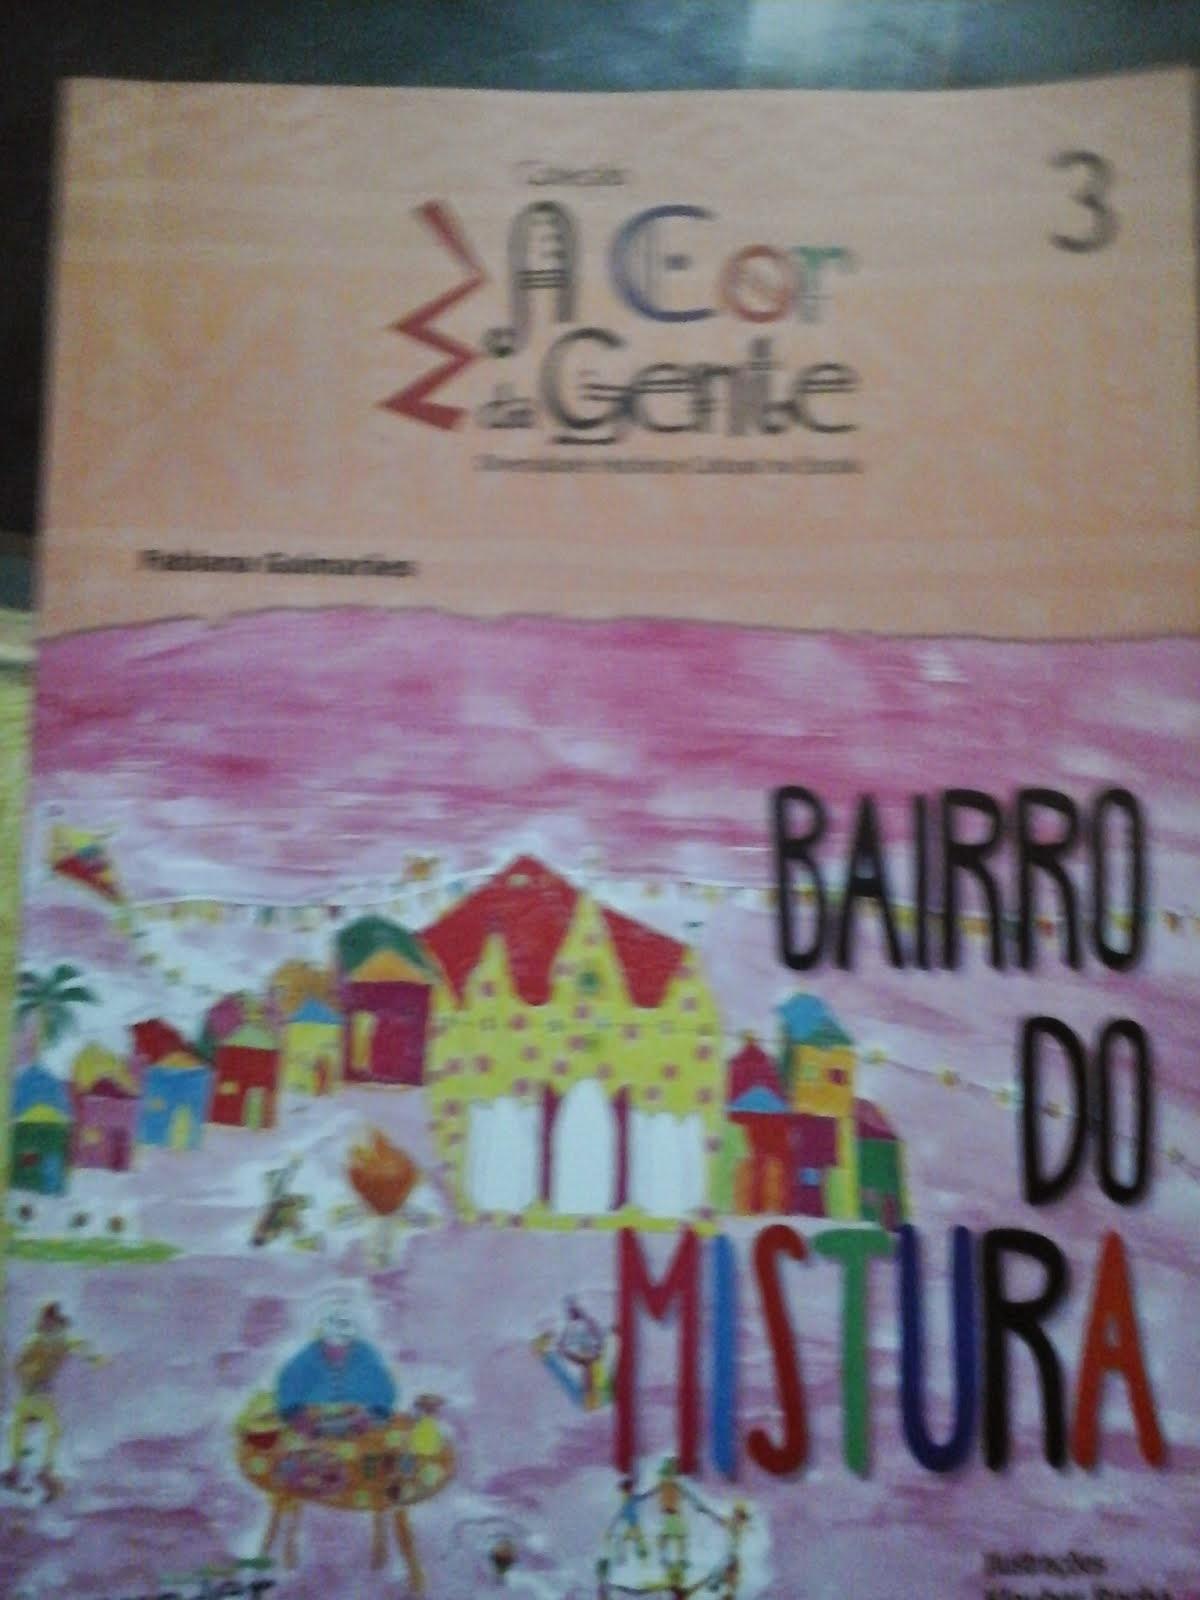 O BAIRRO DO MISTURA